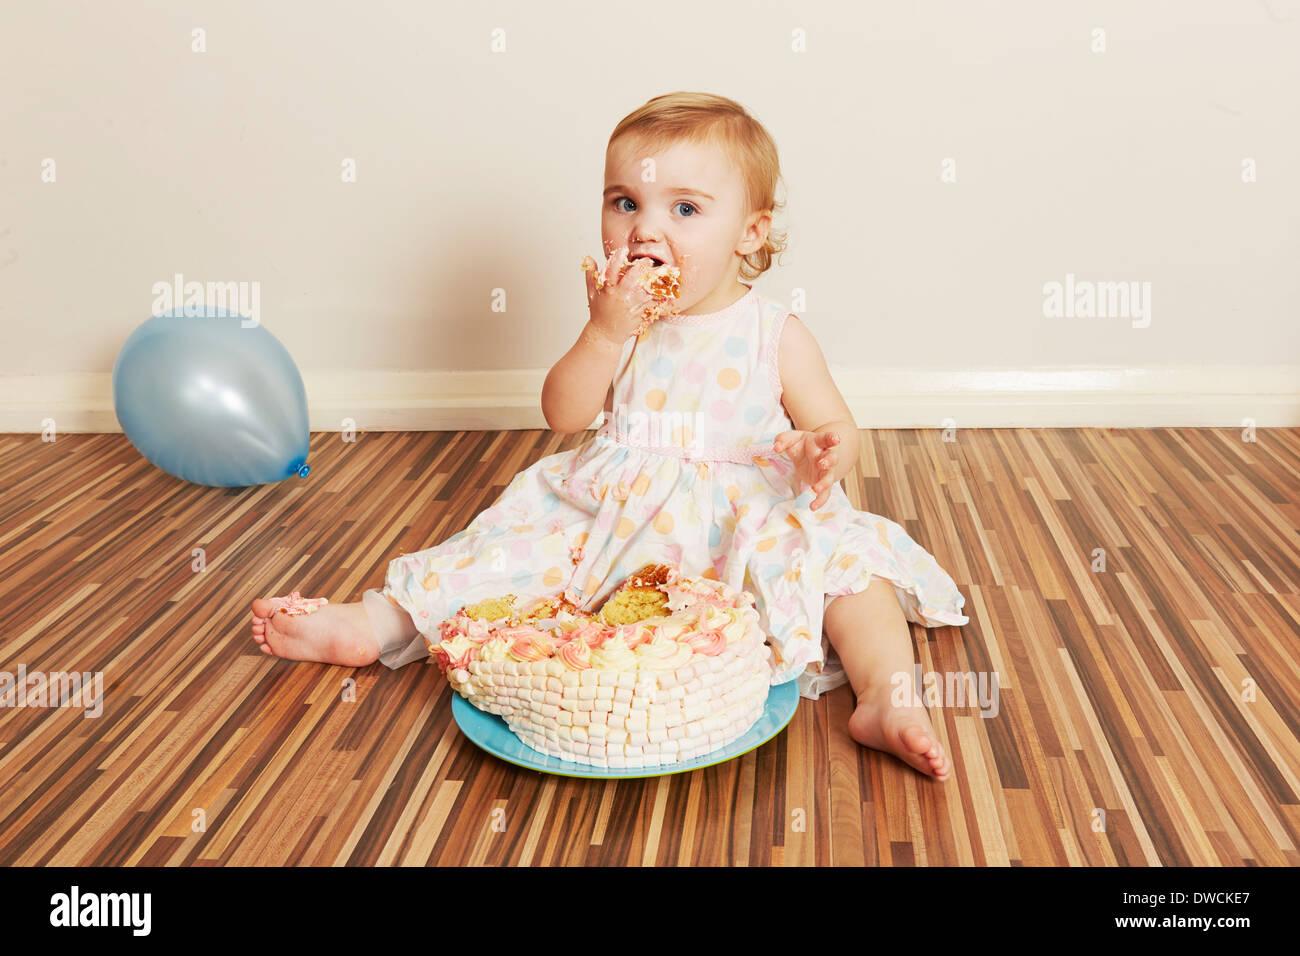 Niño Niña devorar el pastel de cumpleaños Imagen De Stock